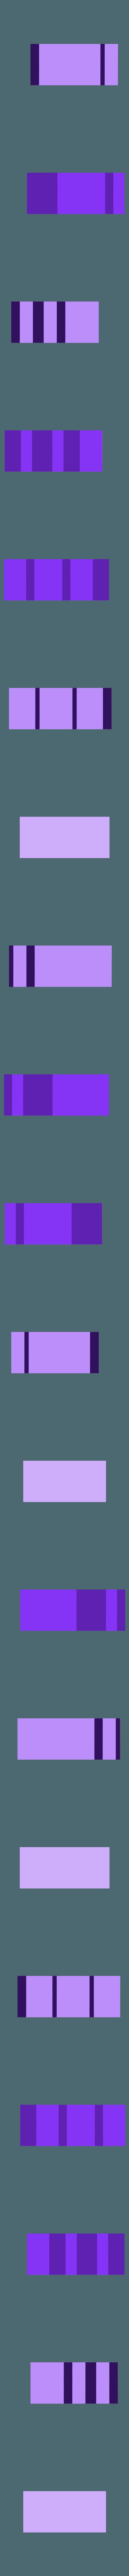 MODEL18.stl Télécharger fichier STL gratuit Exemple de dessin technique 18 • Objet imprimable en 3D, murbay52